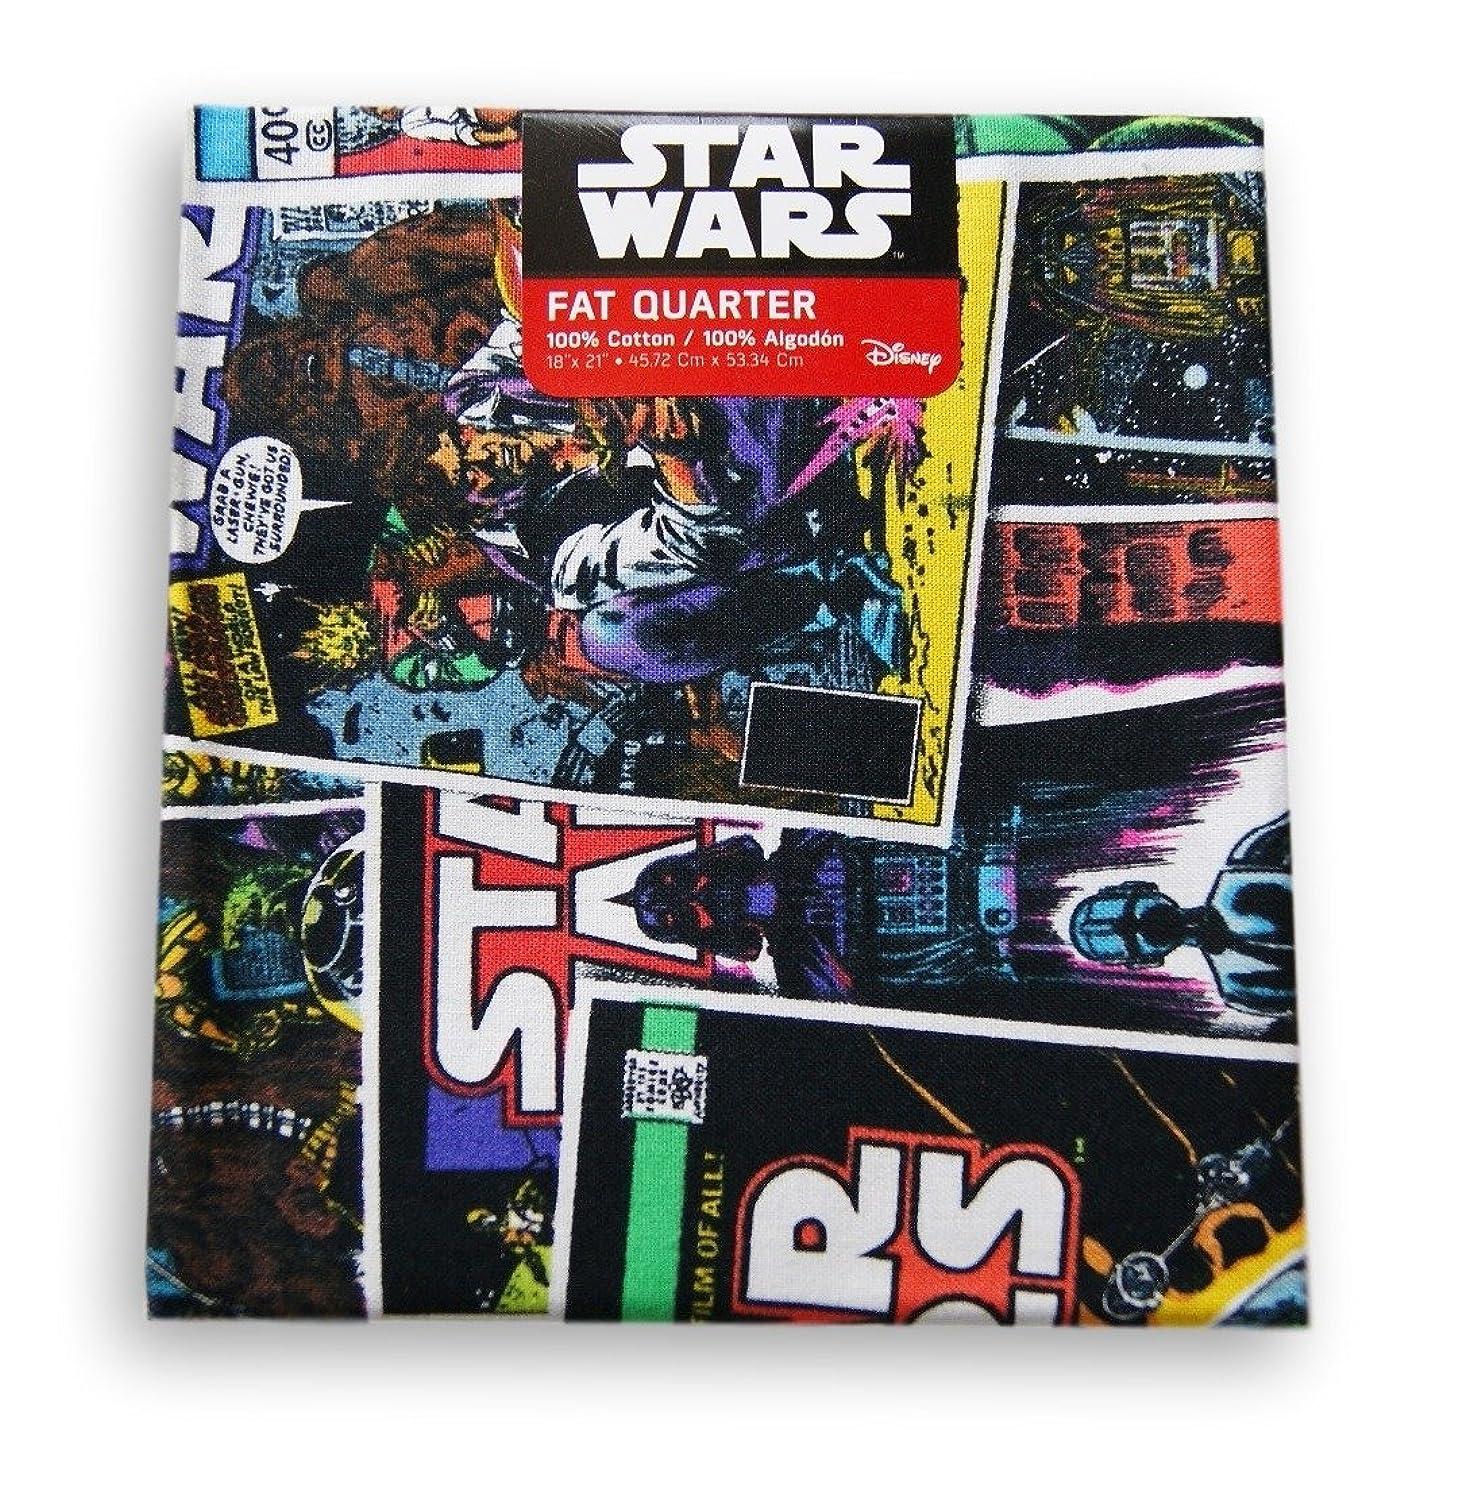 Star Wars Fat Quarter (18 x 21)